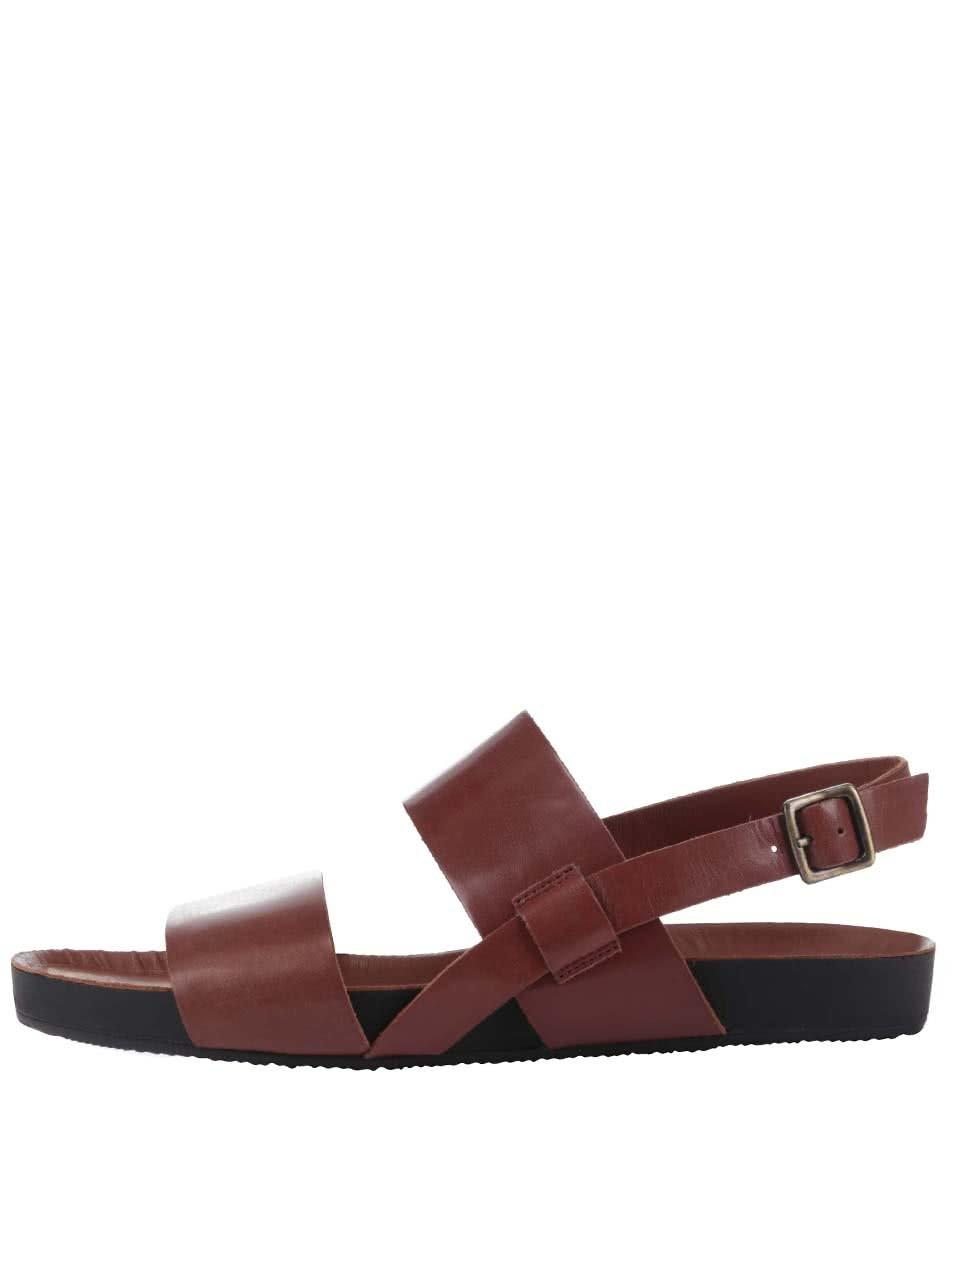 c8858439db59 Hnědé kožené pánské sandály Vagabond Funk ...